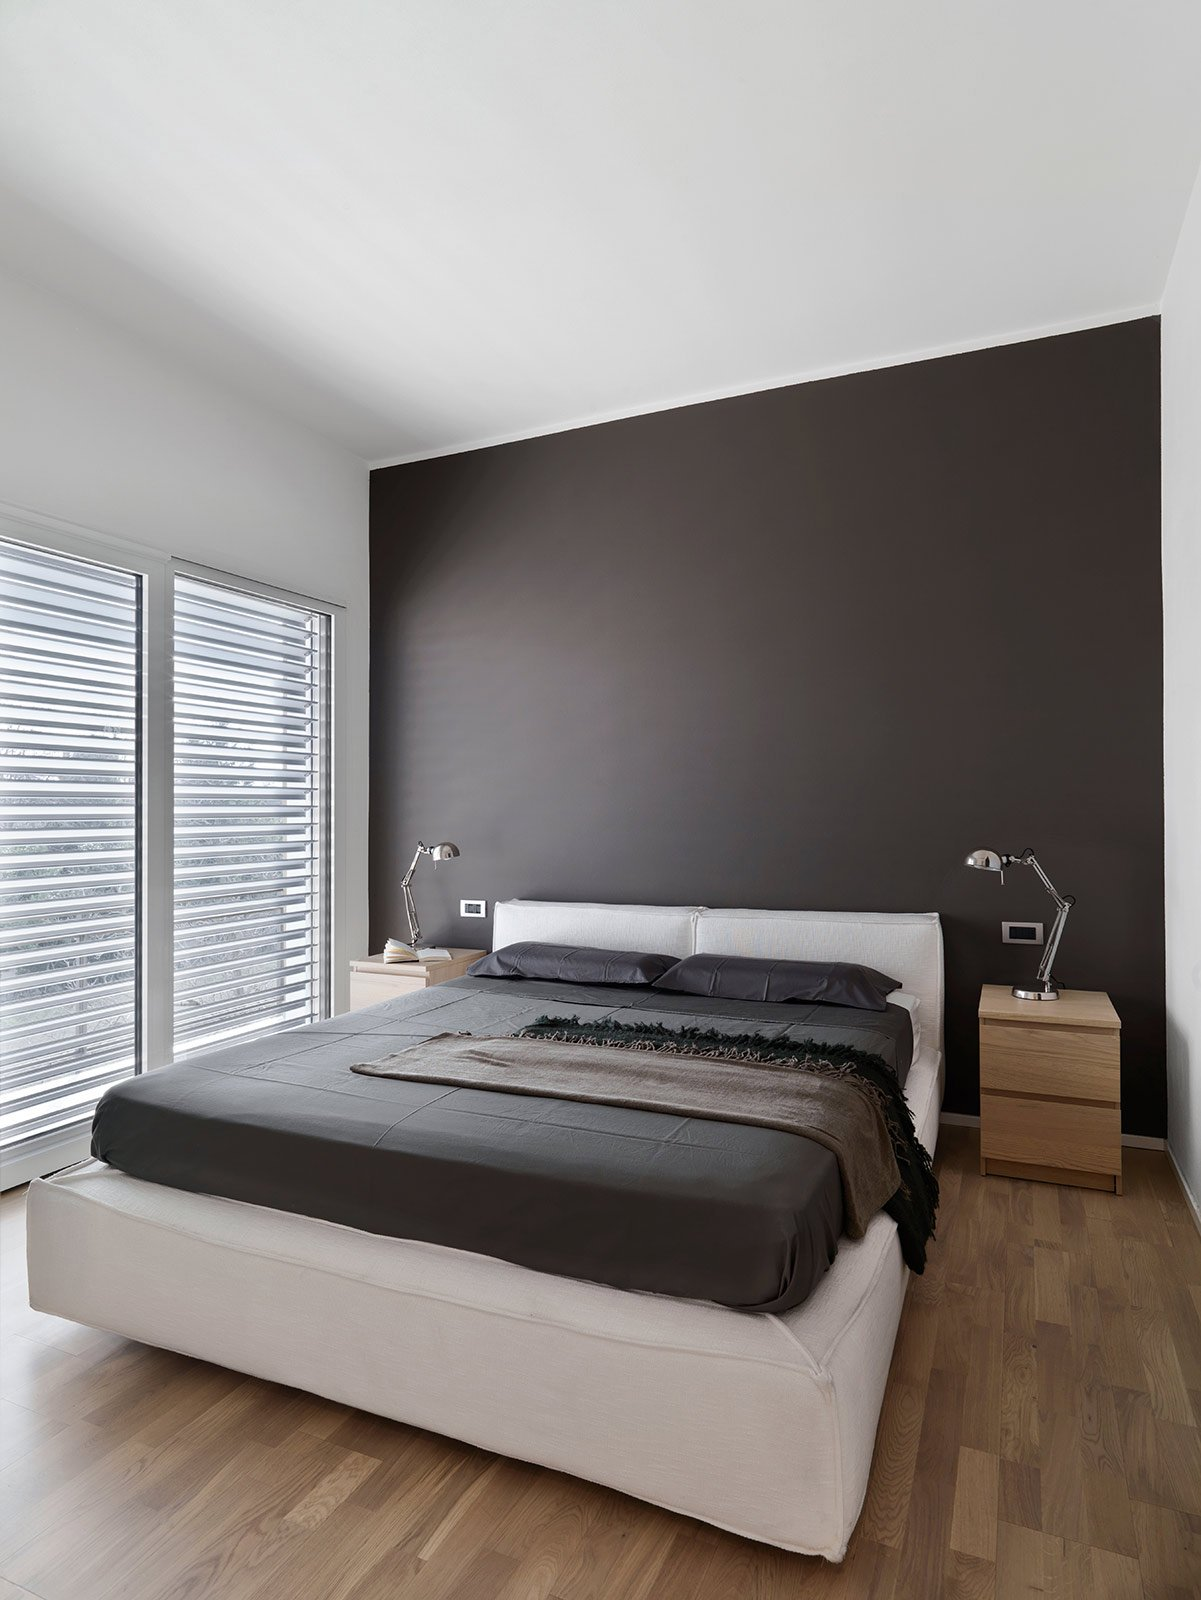 Una casa ristrutturata ridisegnando le prospettive interne cose di casa - Tinte pareti camere da letto ...